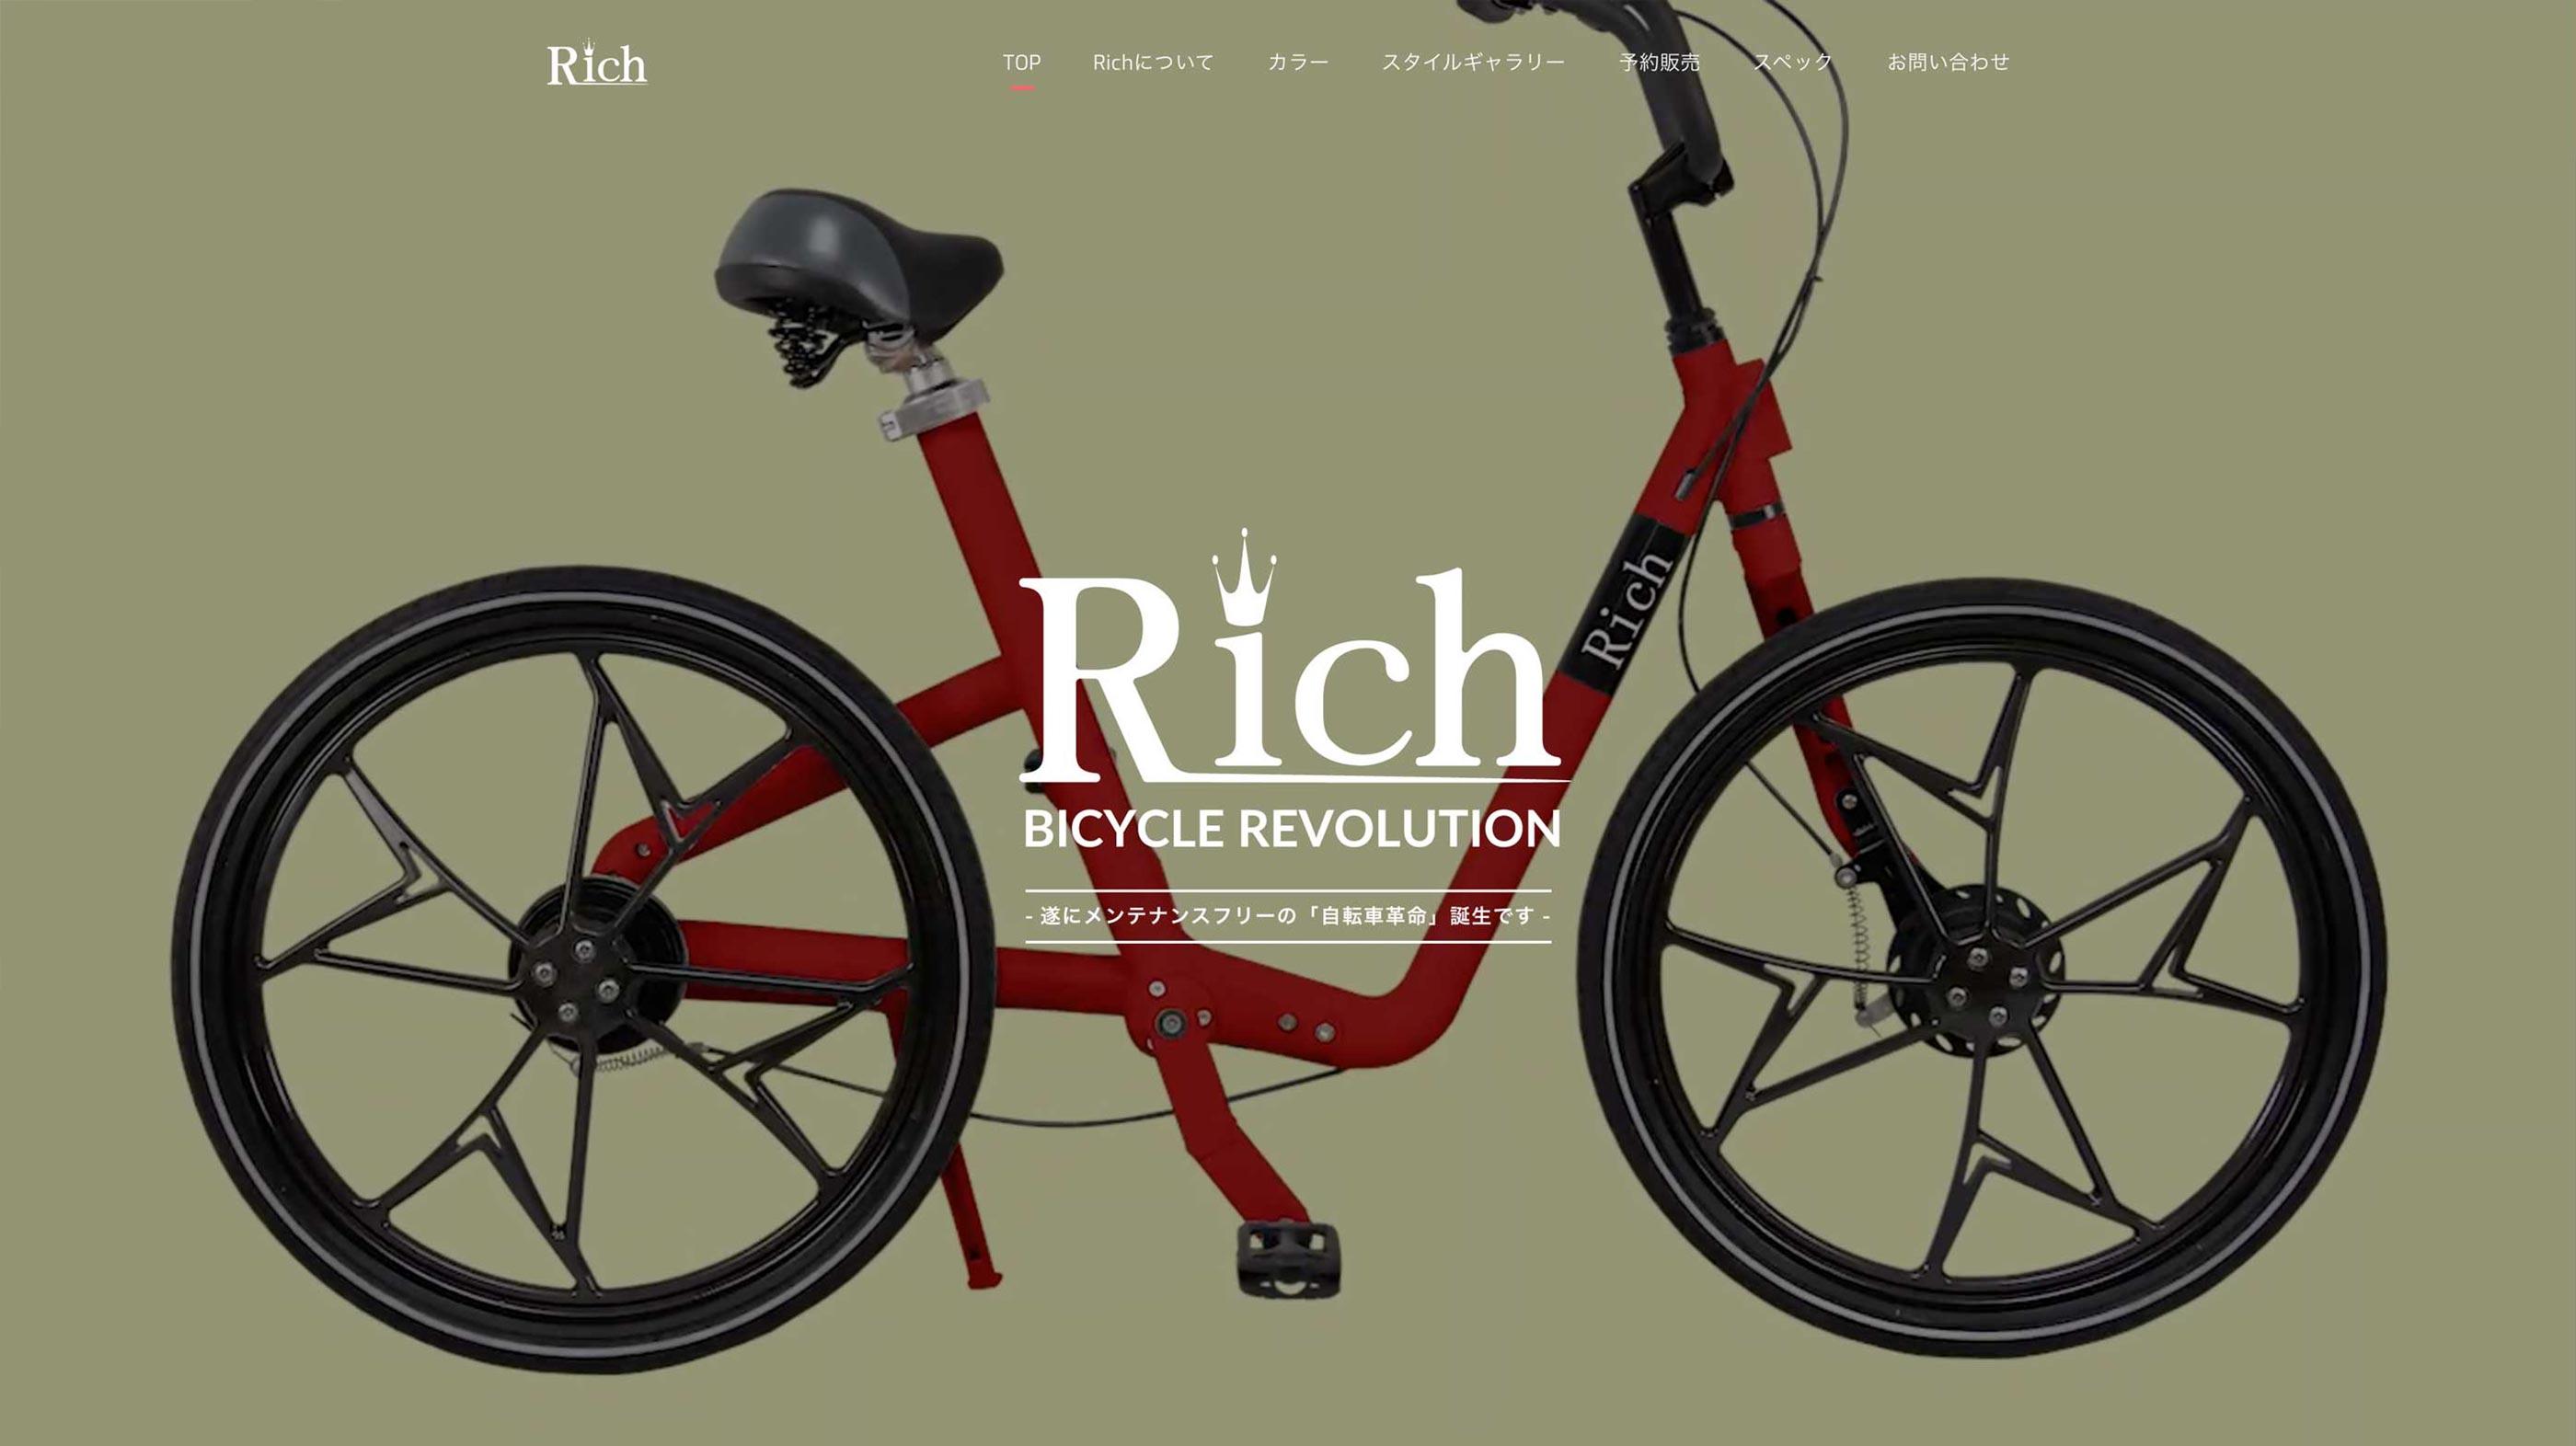 株式会社アルミス メンテナンスフリー自転車・Rich特設サイトの制作デザインイメージ